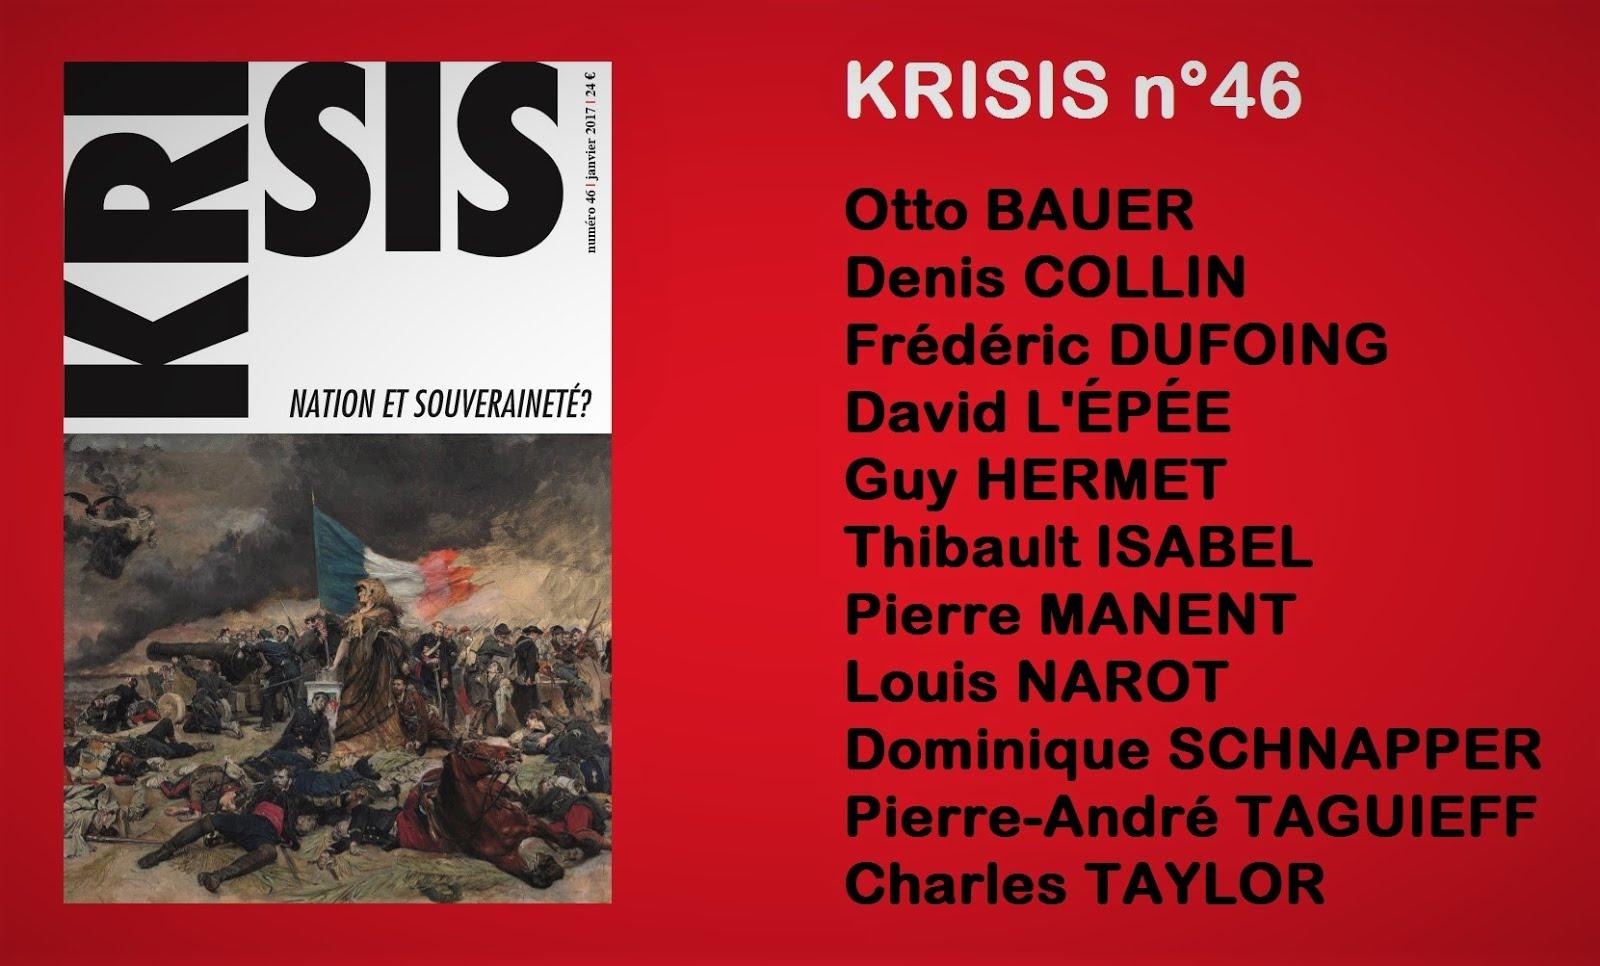 KRISIS N°46 : Nation et souveraineté ?